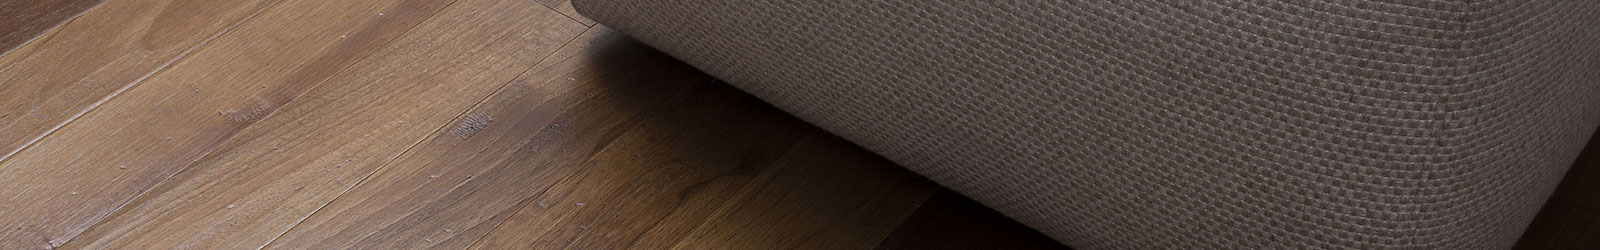 vendita pavimenti in legno torino